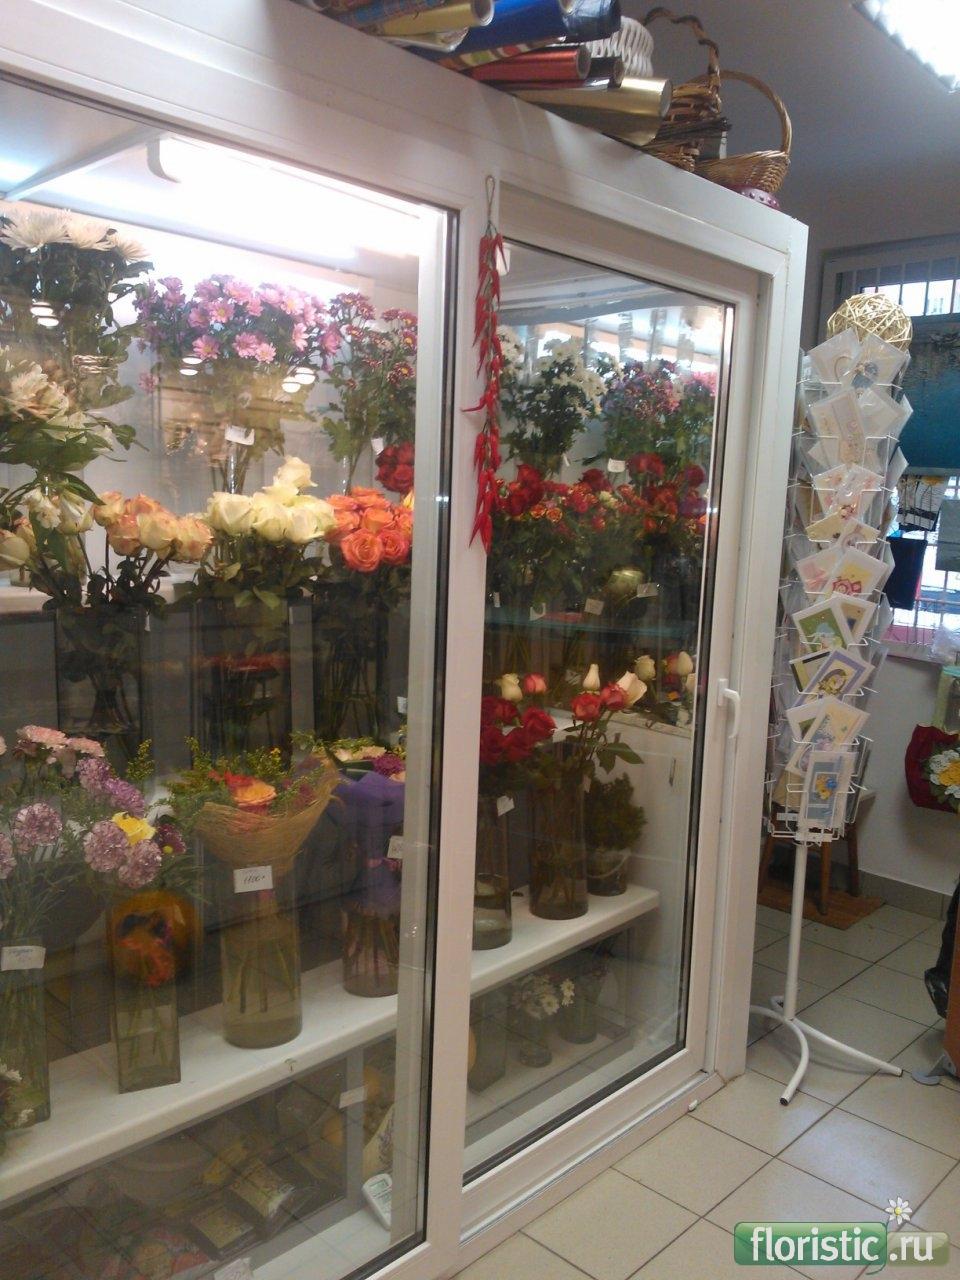 Холодильник под цветы своими руками